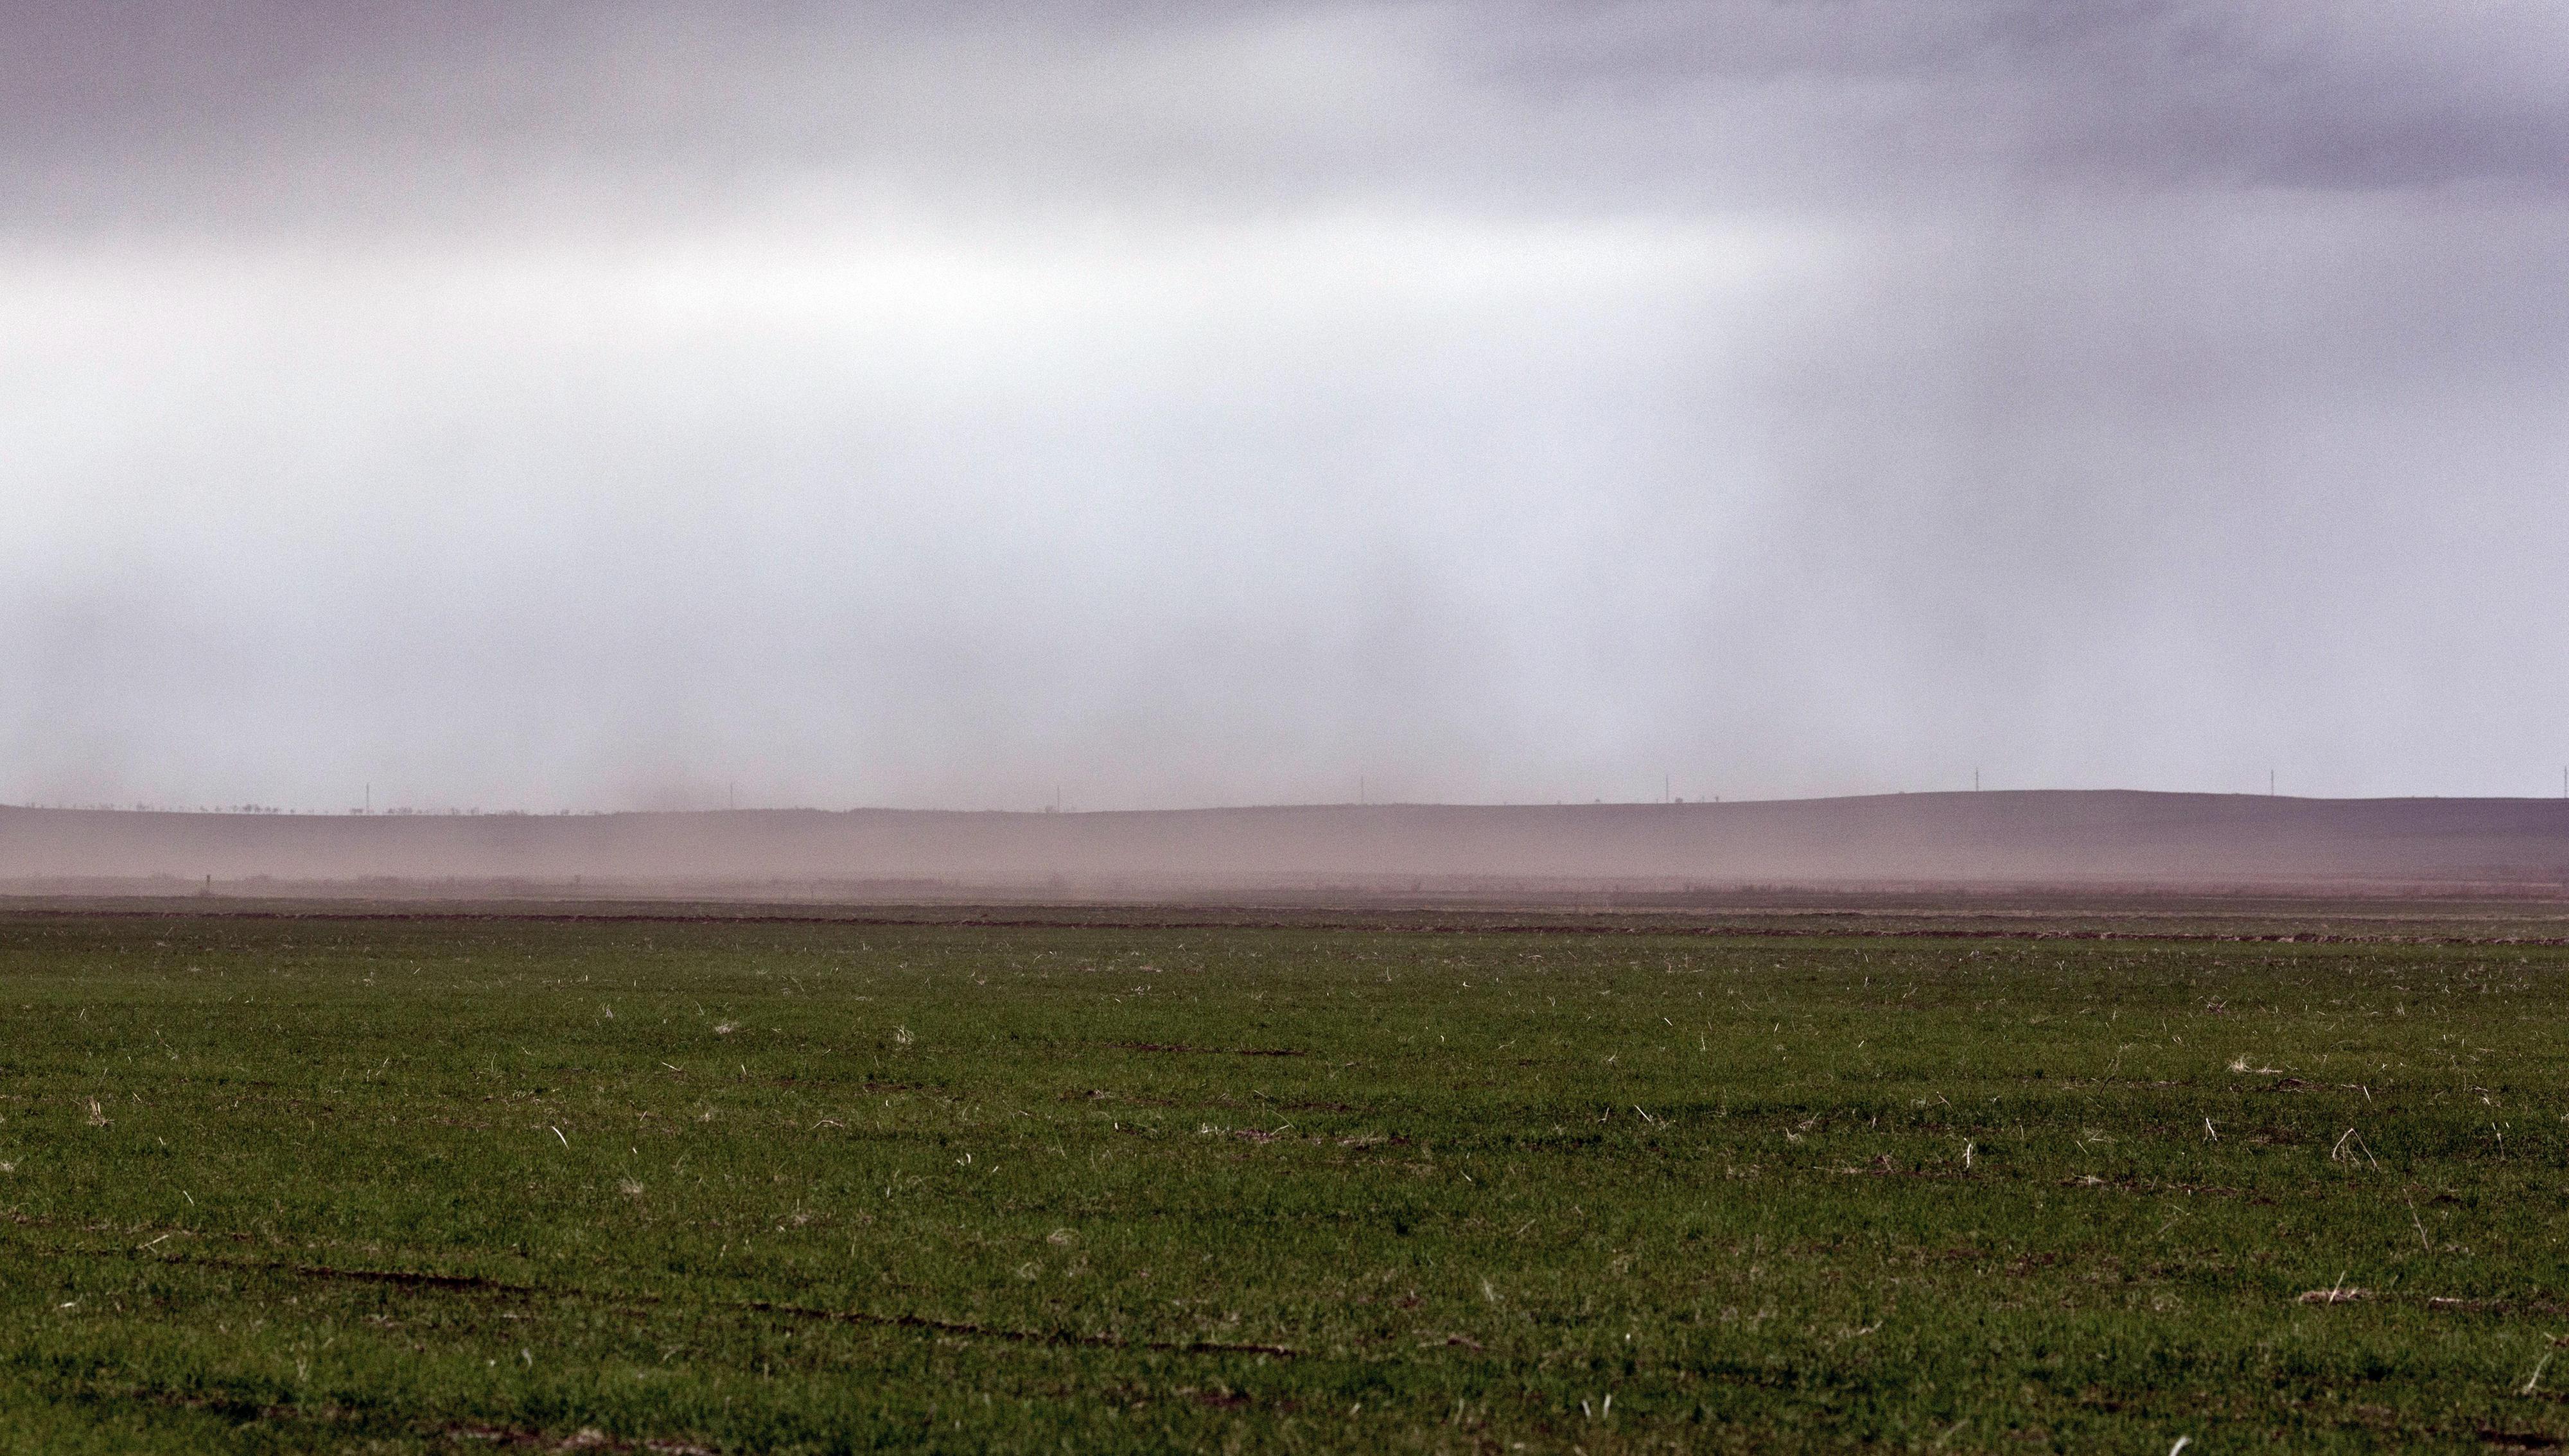 Bodenerosion durch Wind in einer Agrarlandschaft bei Depoplistskrao, Georgien